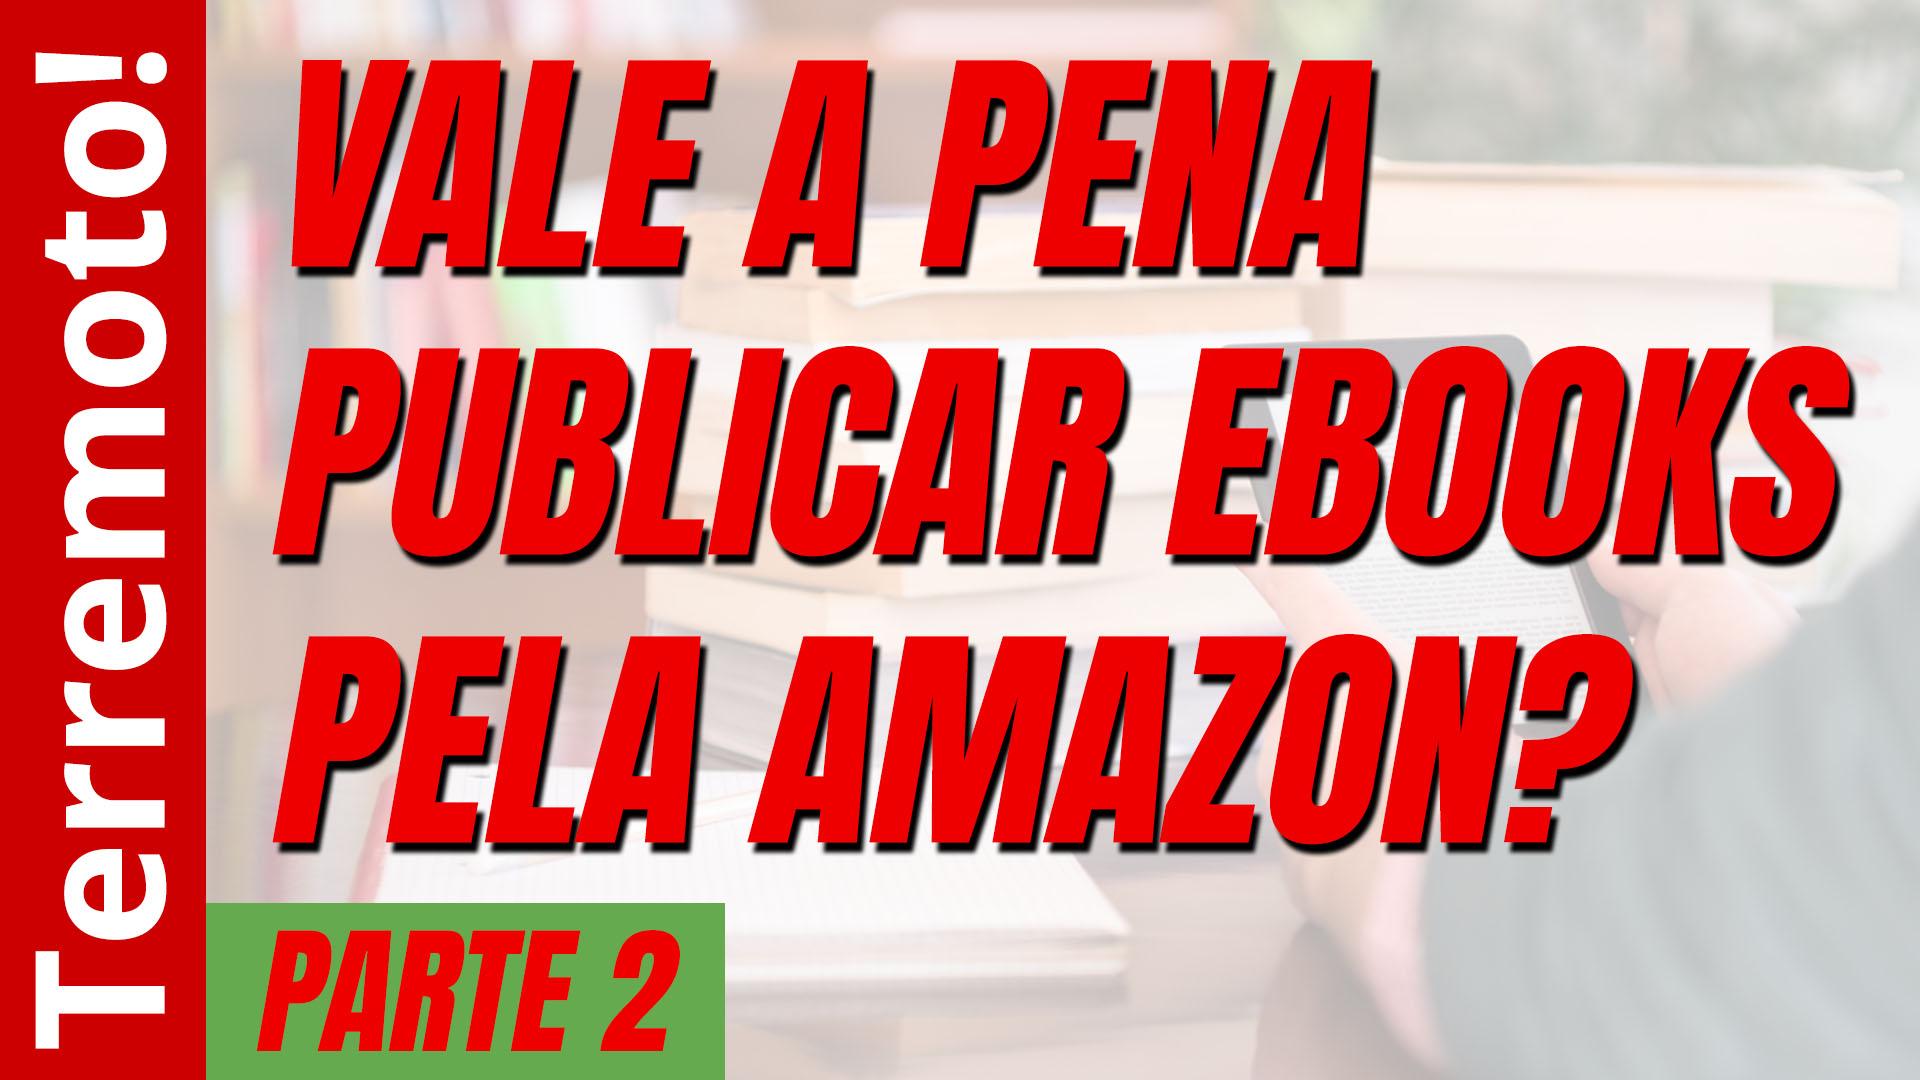 Vale a pena publicar livros pela Amazon?